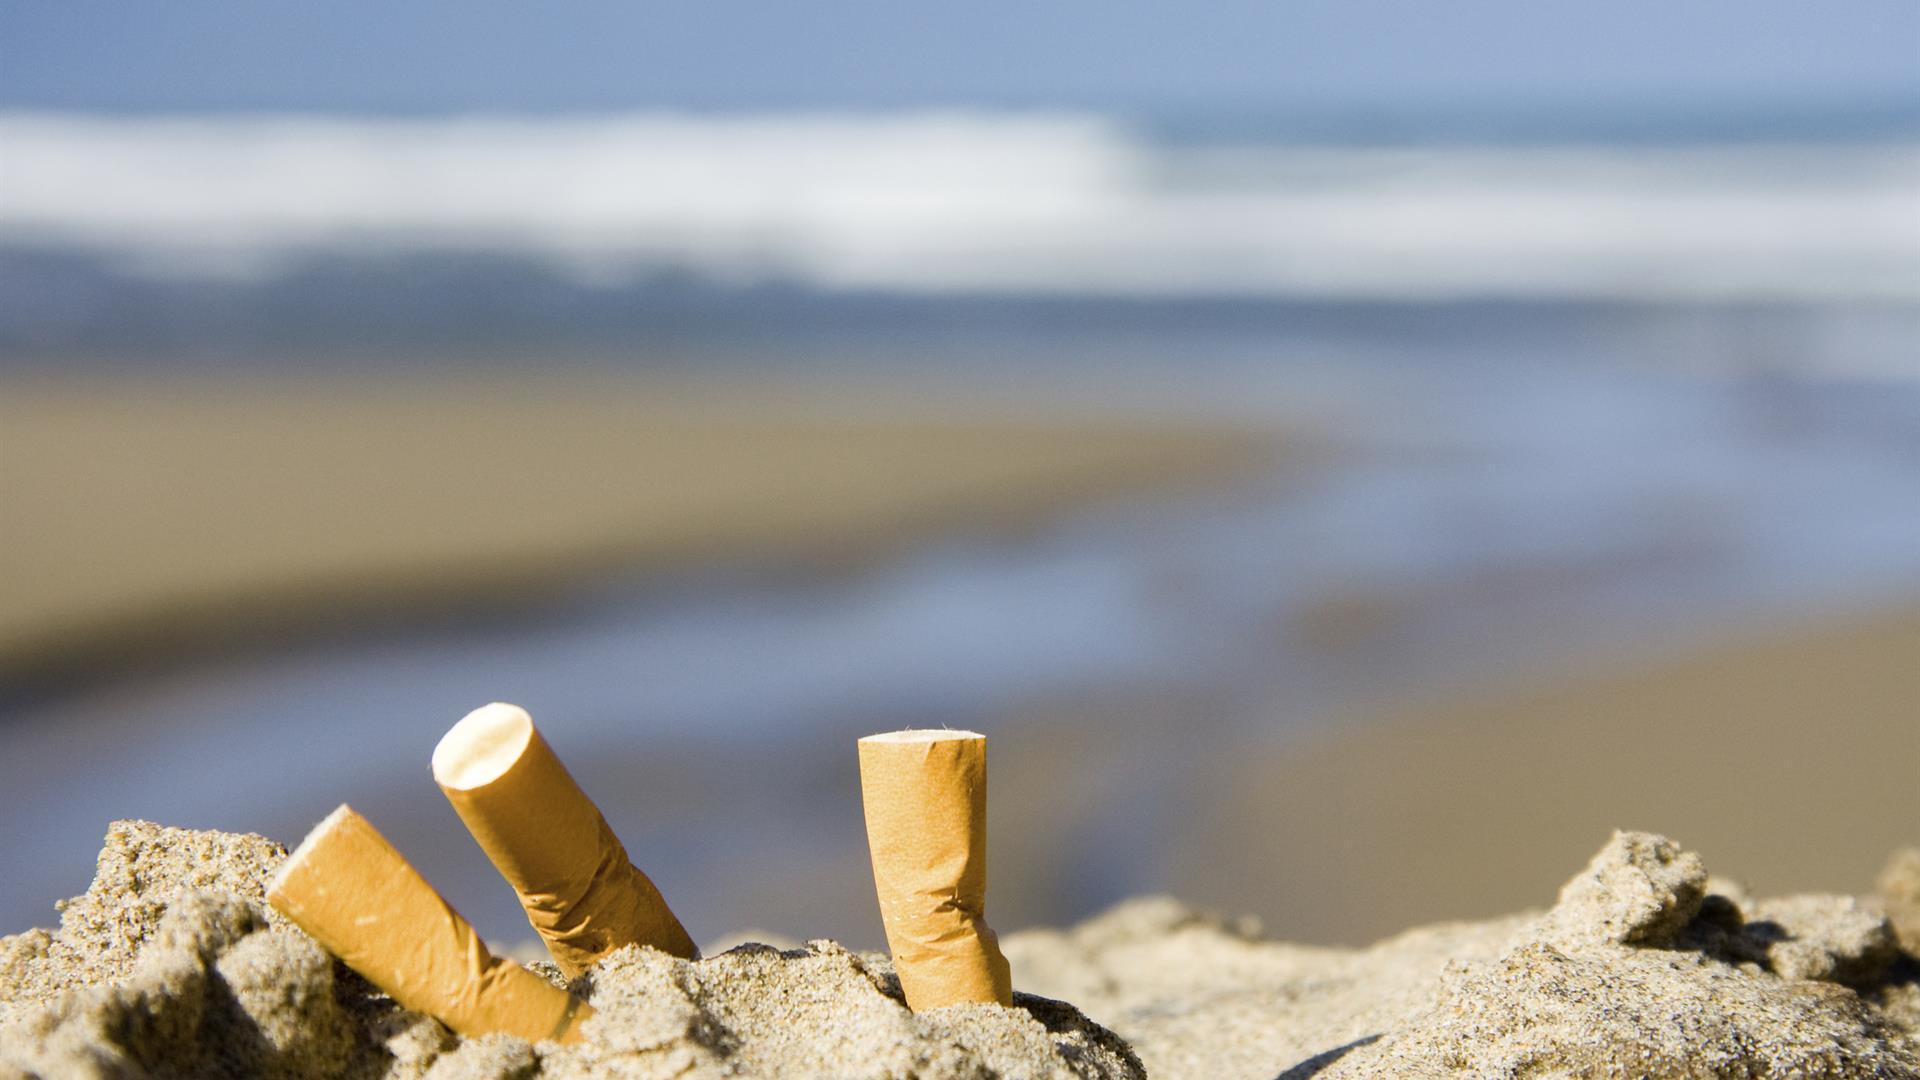 Inquinamento Mozziconi Sigarette Citta Spiagge Danni Ambientali Iniziative Comuni Cittadini 1